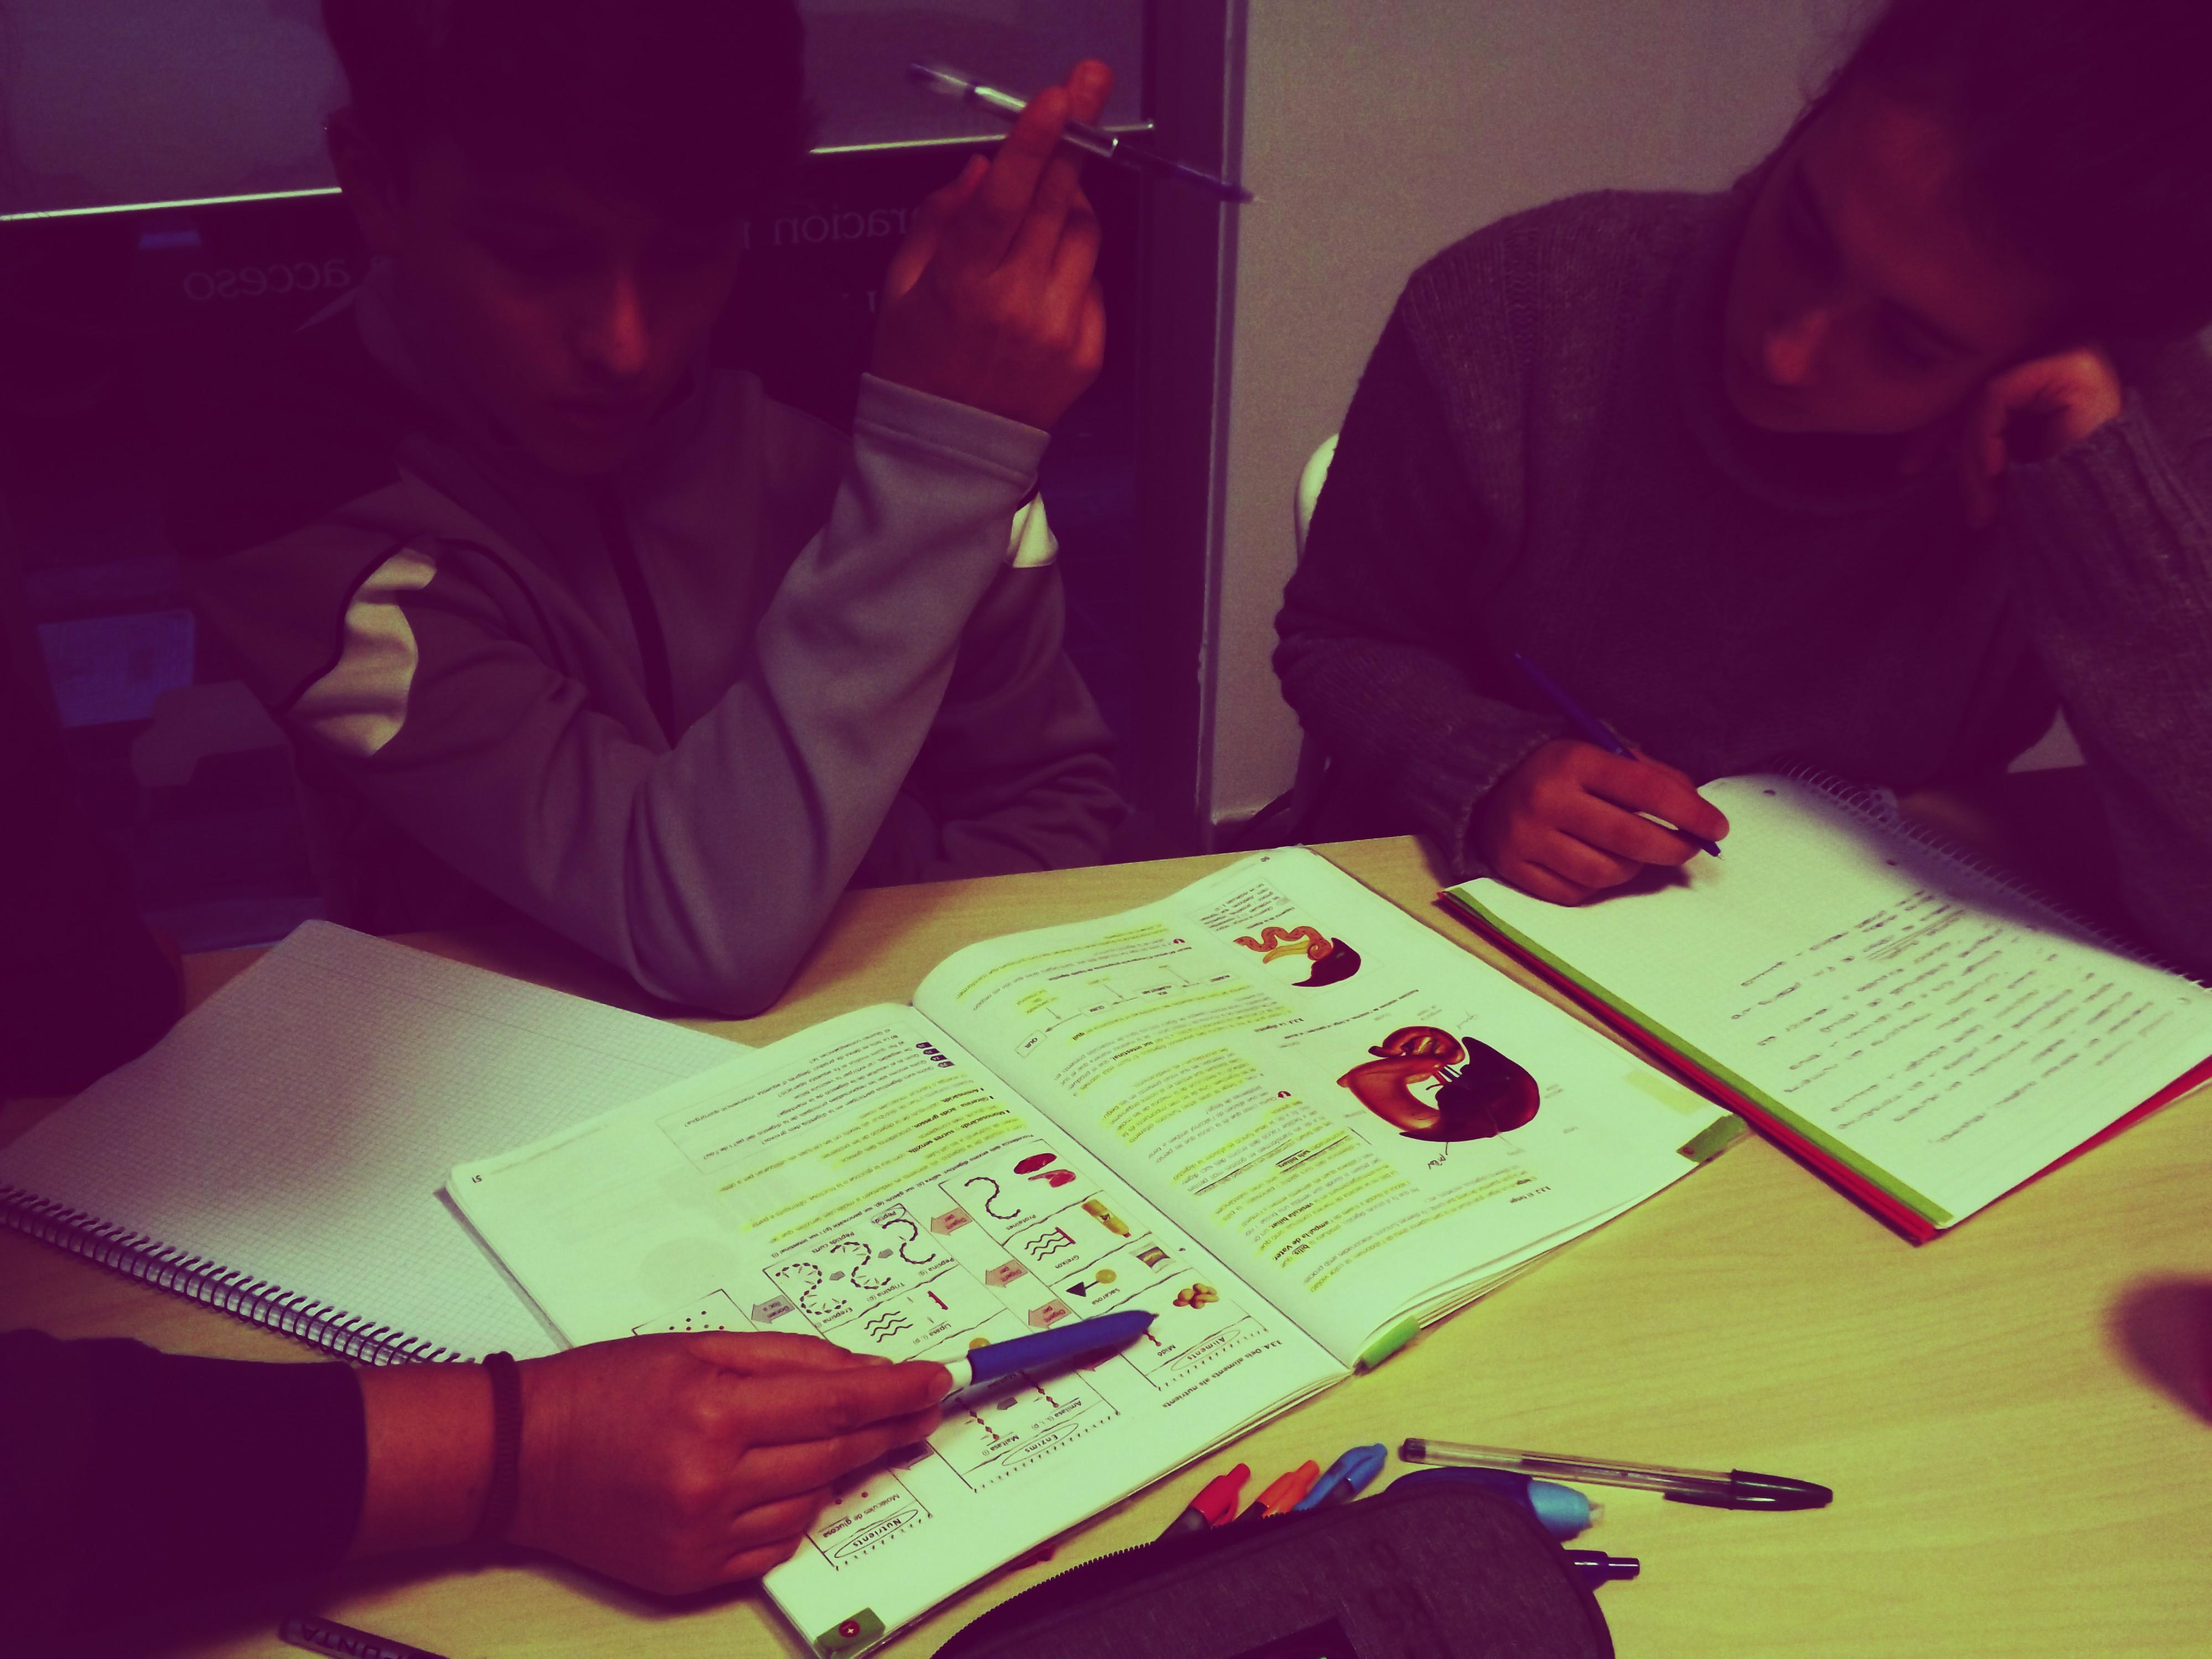 Profesora de secundaria eplicando biología a dos alumnos